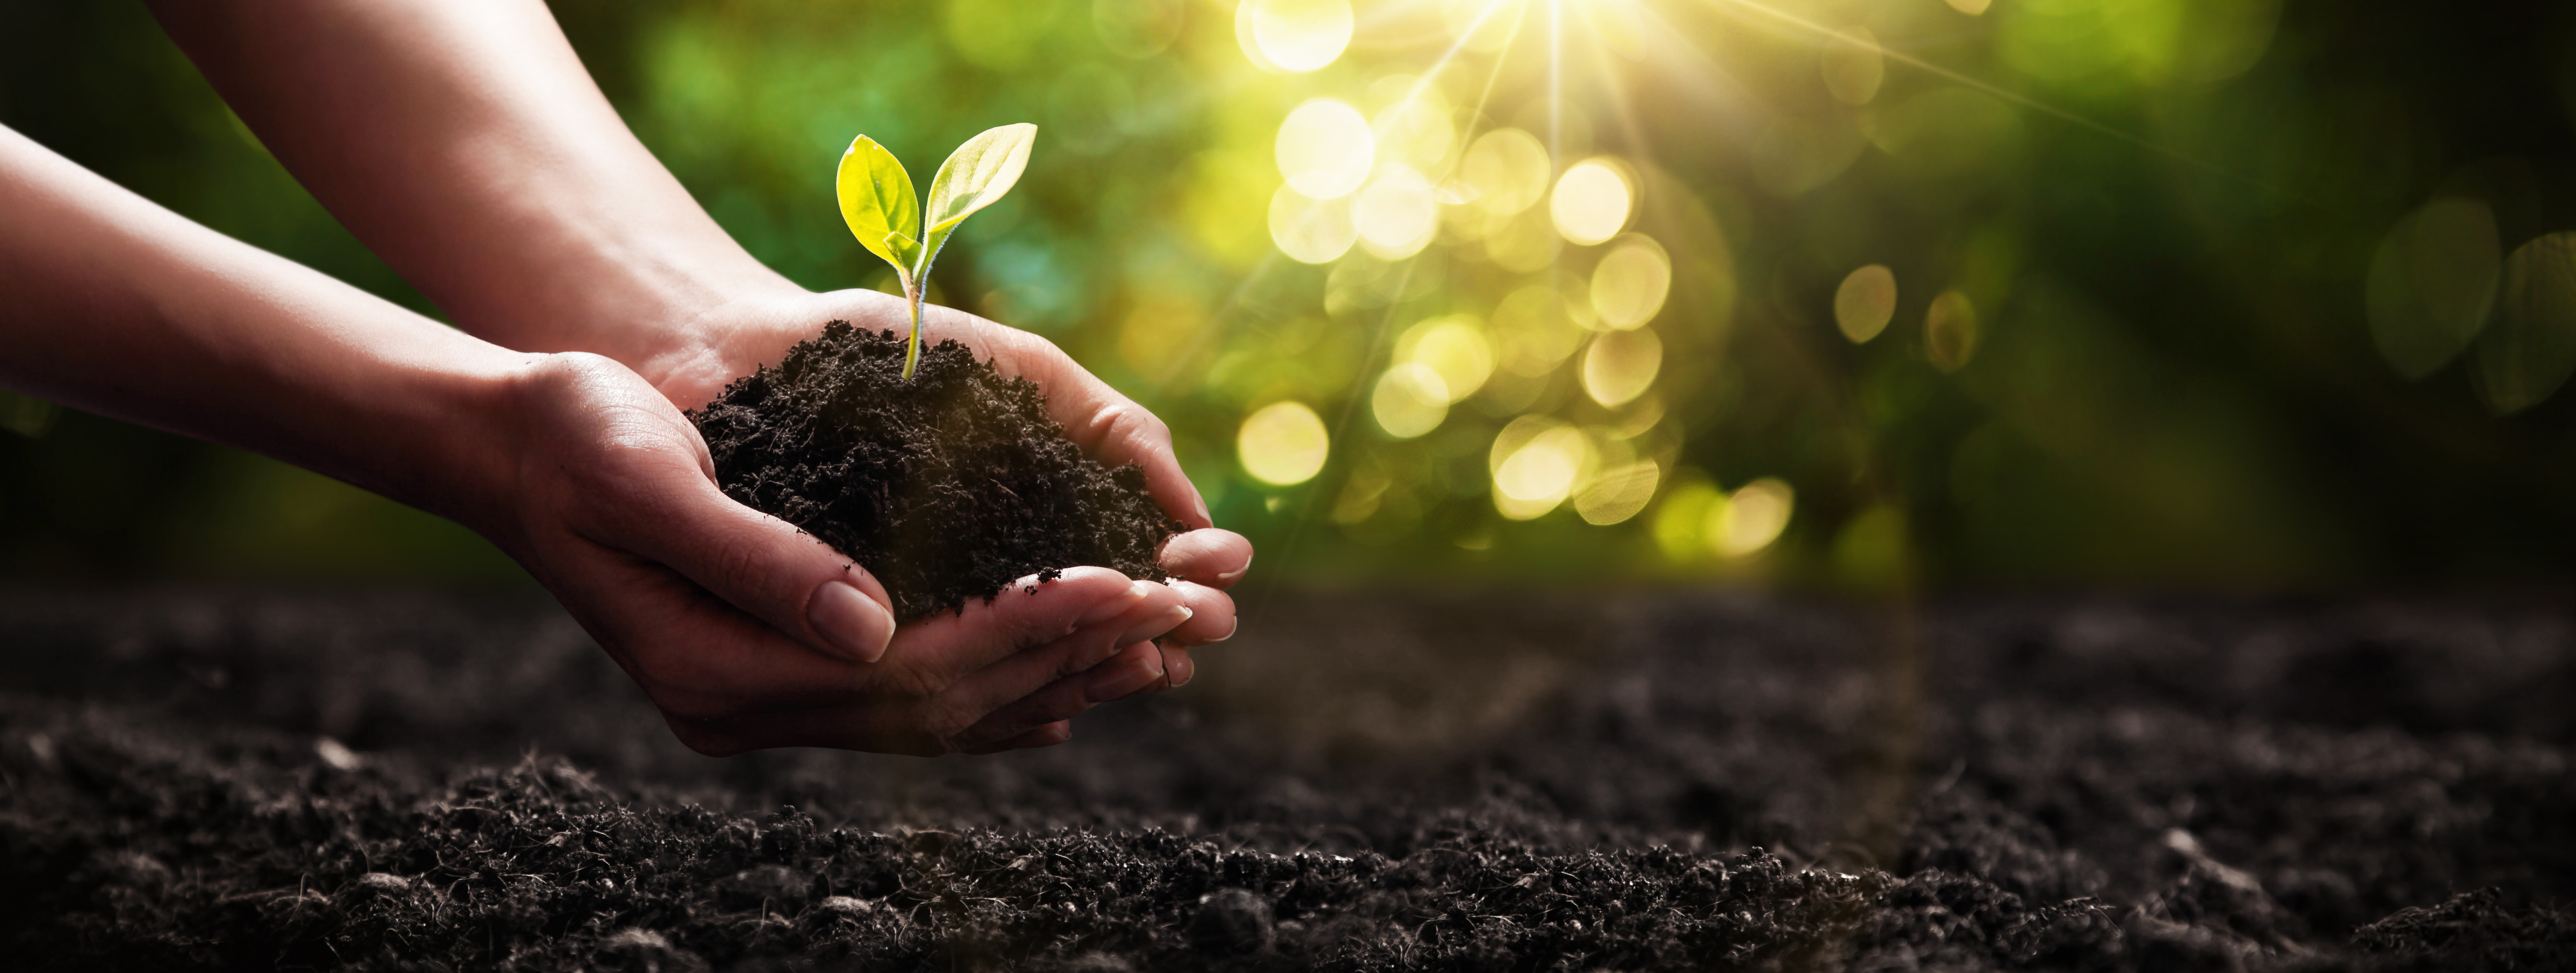 Environmental Good is a Good Thing | Sam's Natural